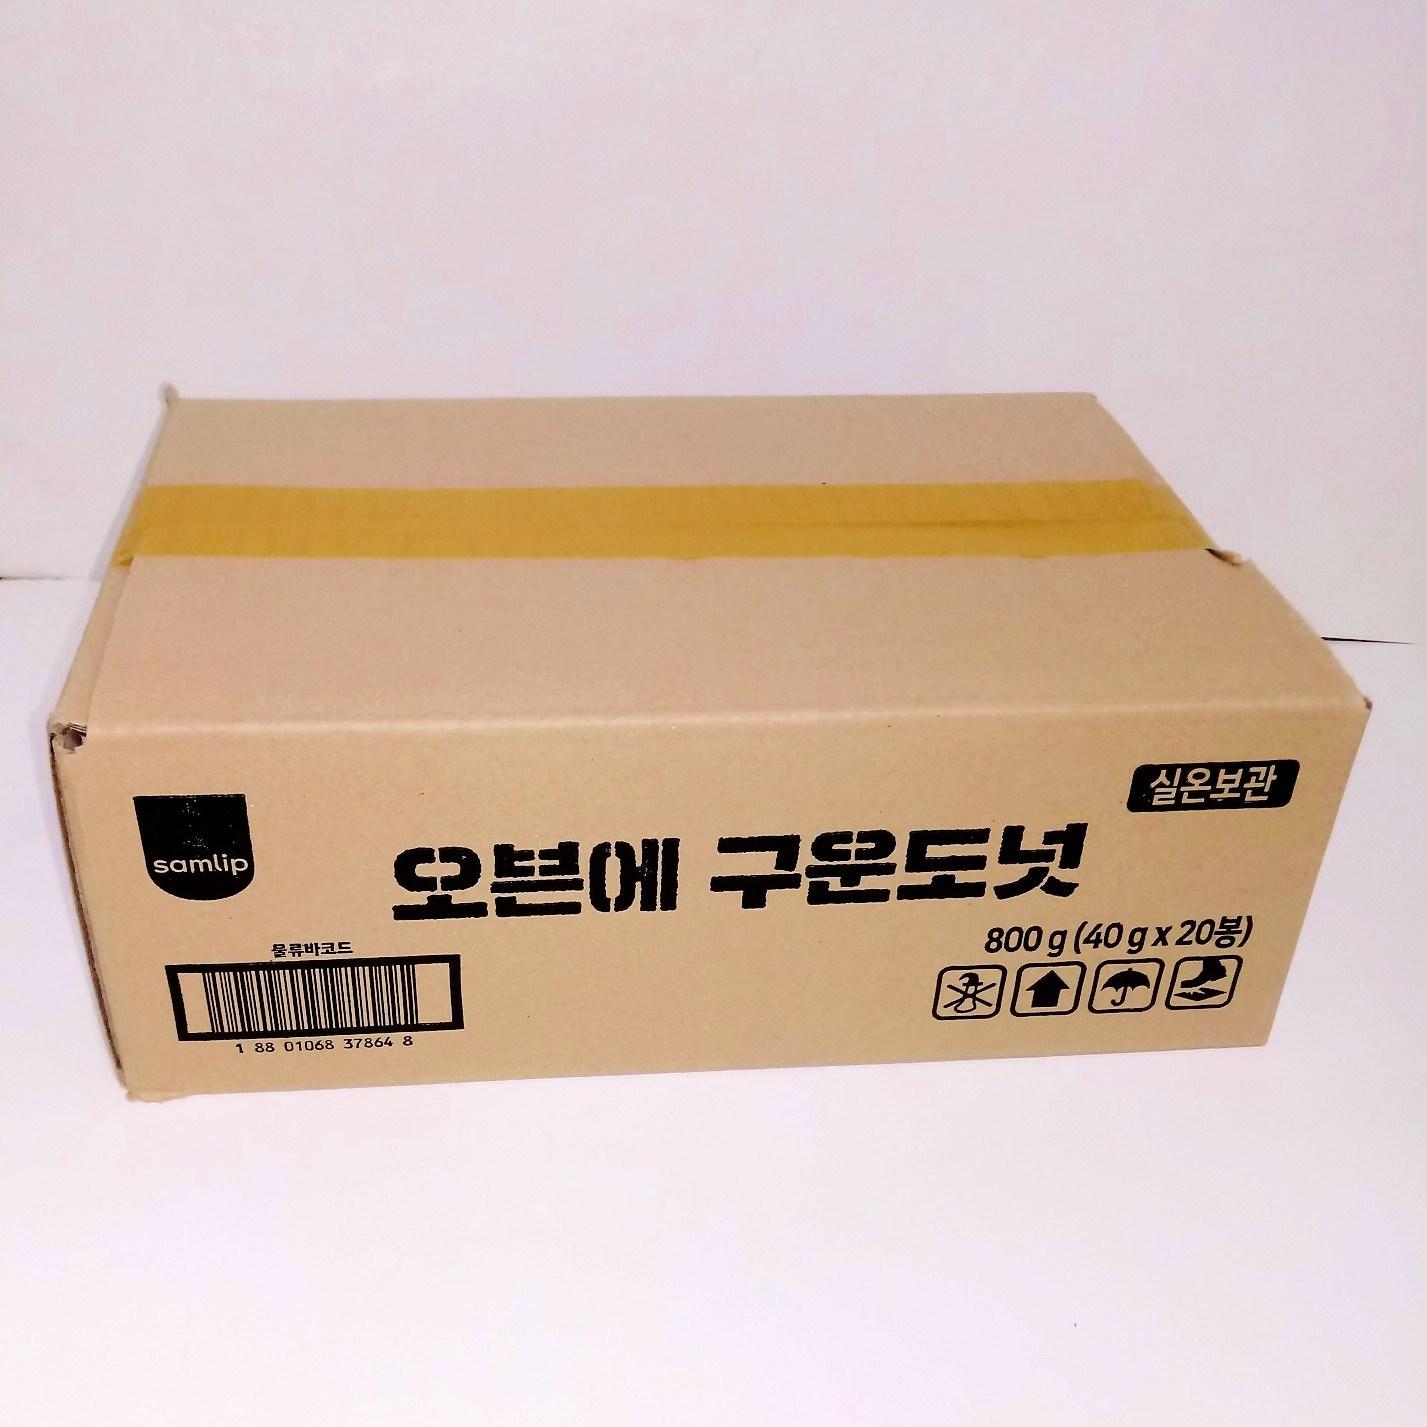 삼립 구운도넛, 1box, 800g